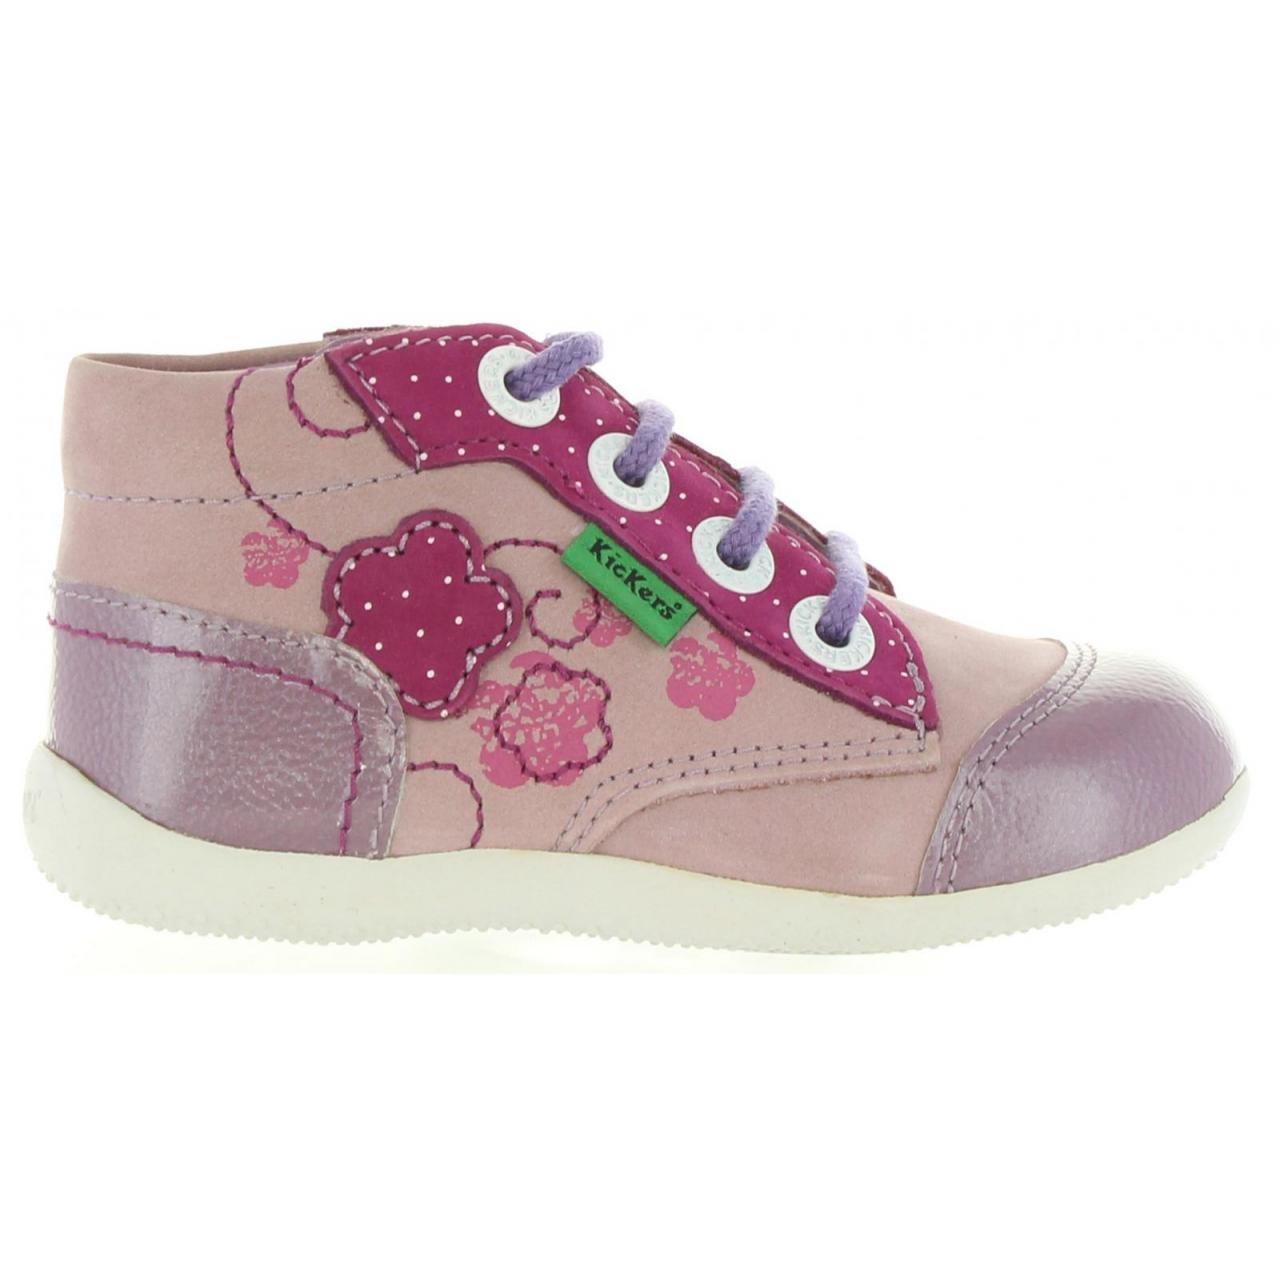 Kickers Bibounow, Chaussures Bébé marche fille